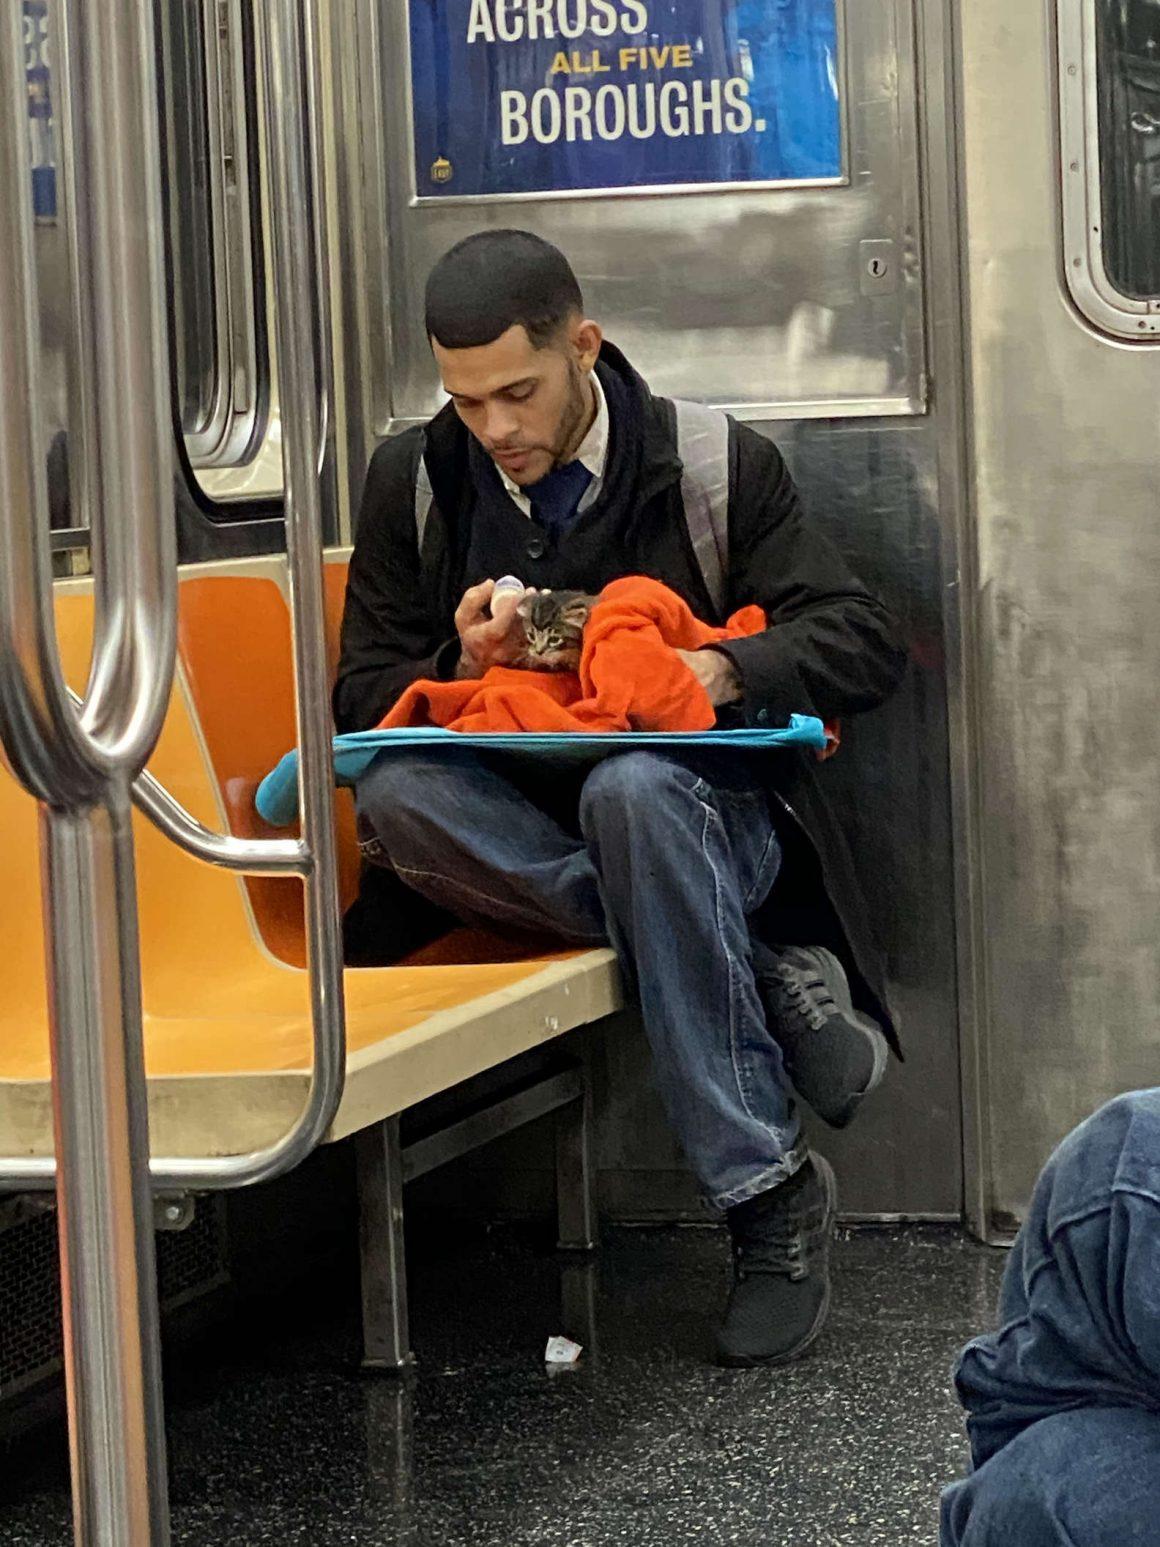 kucing liar diberi minum susu oleh seorang pria di subway